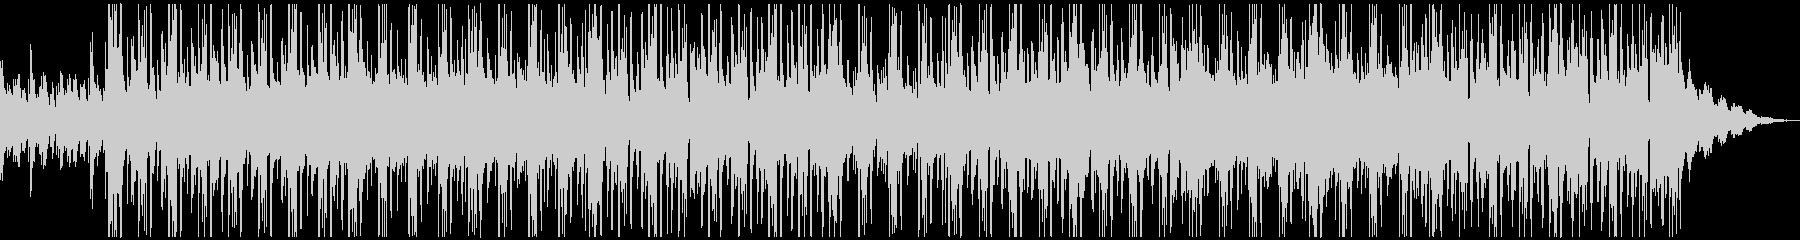 妖しいシンセが印象的な癒し系ピアノホップの未再生の波形